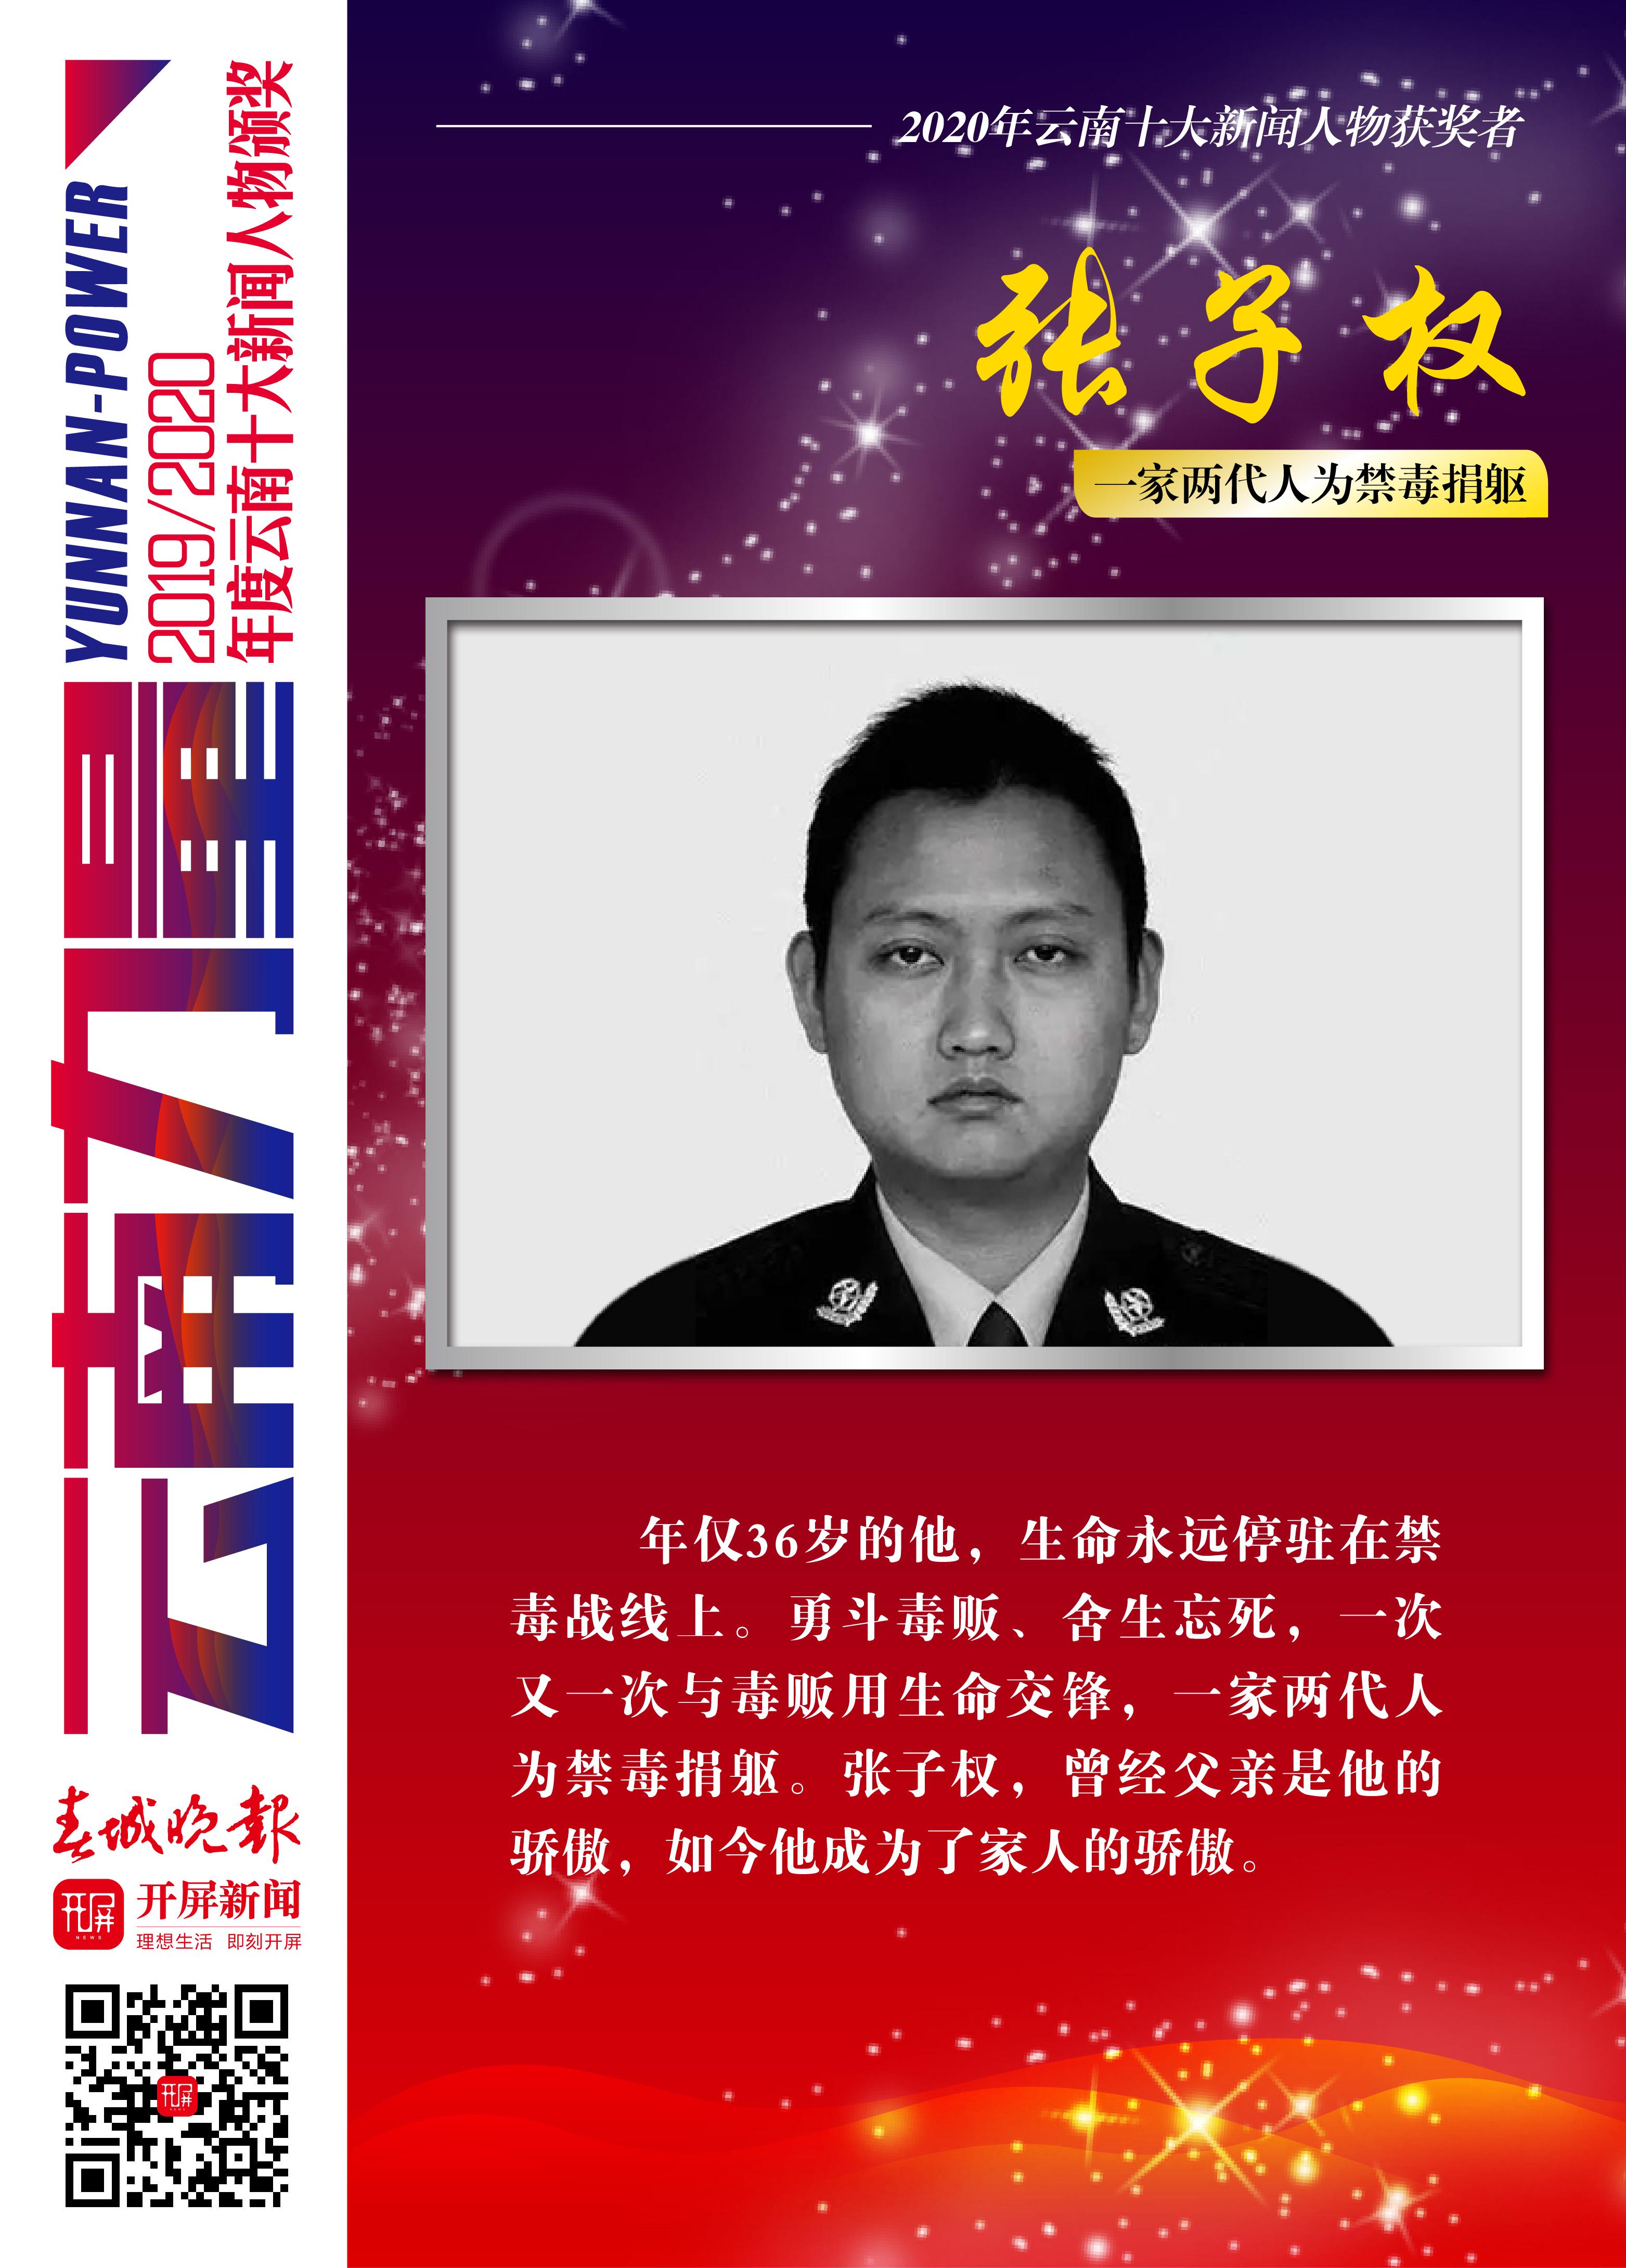 2020新闻人物海报_06张子权.jpg